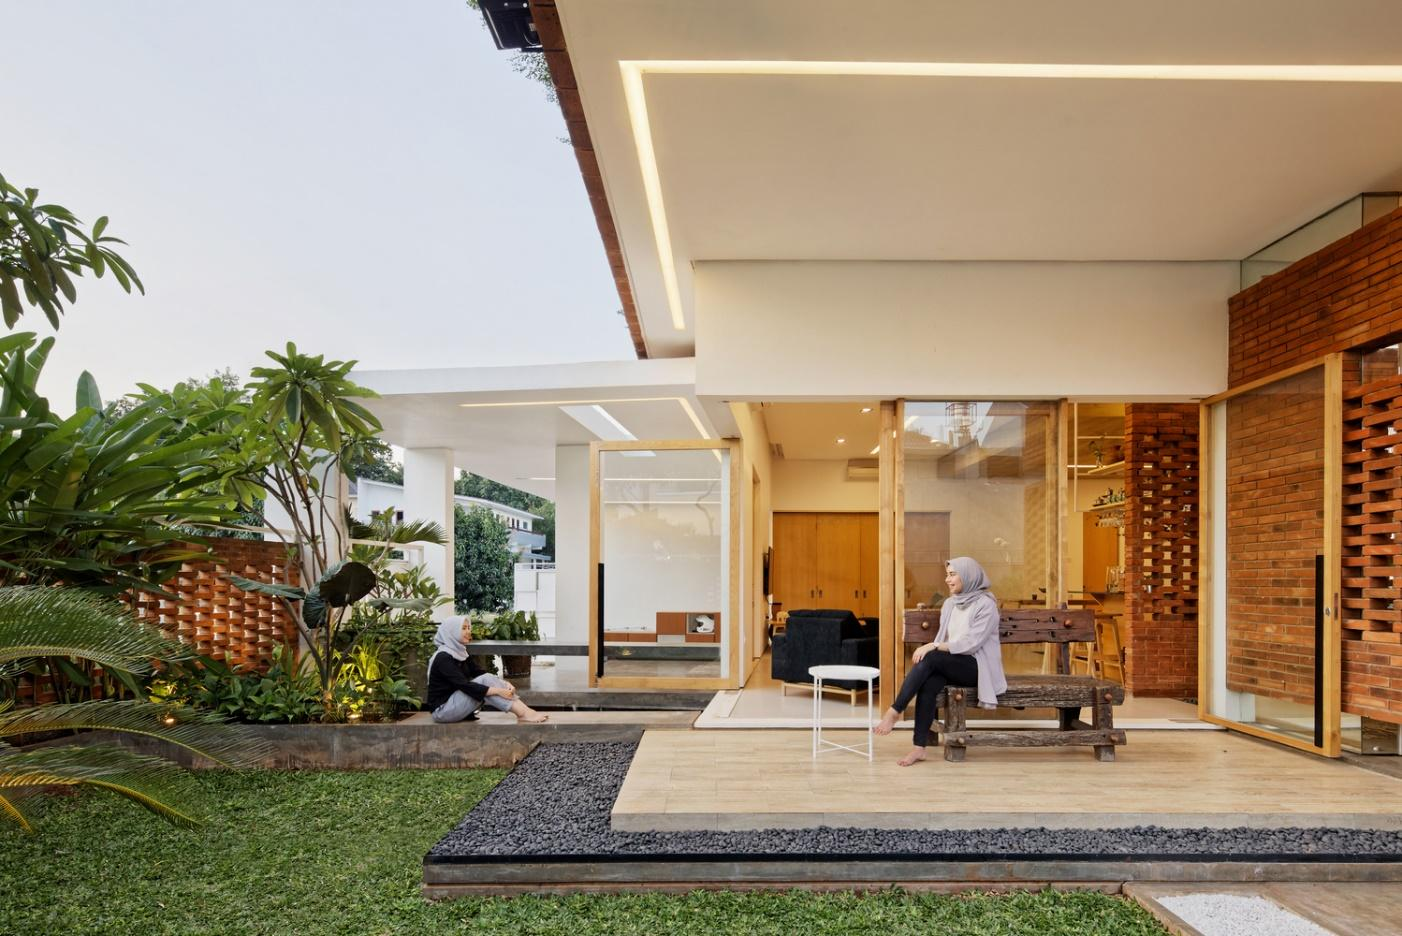 Cấu trúc căn nhà giúp mọi người dễ dàng tương tác với nhau.